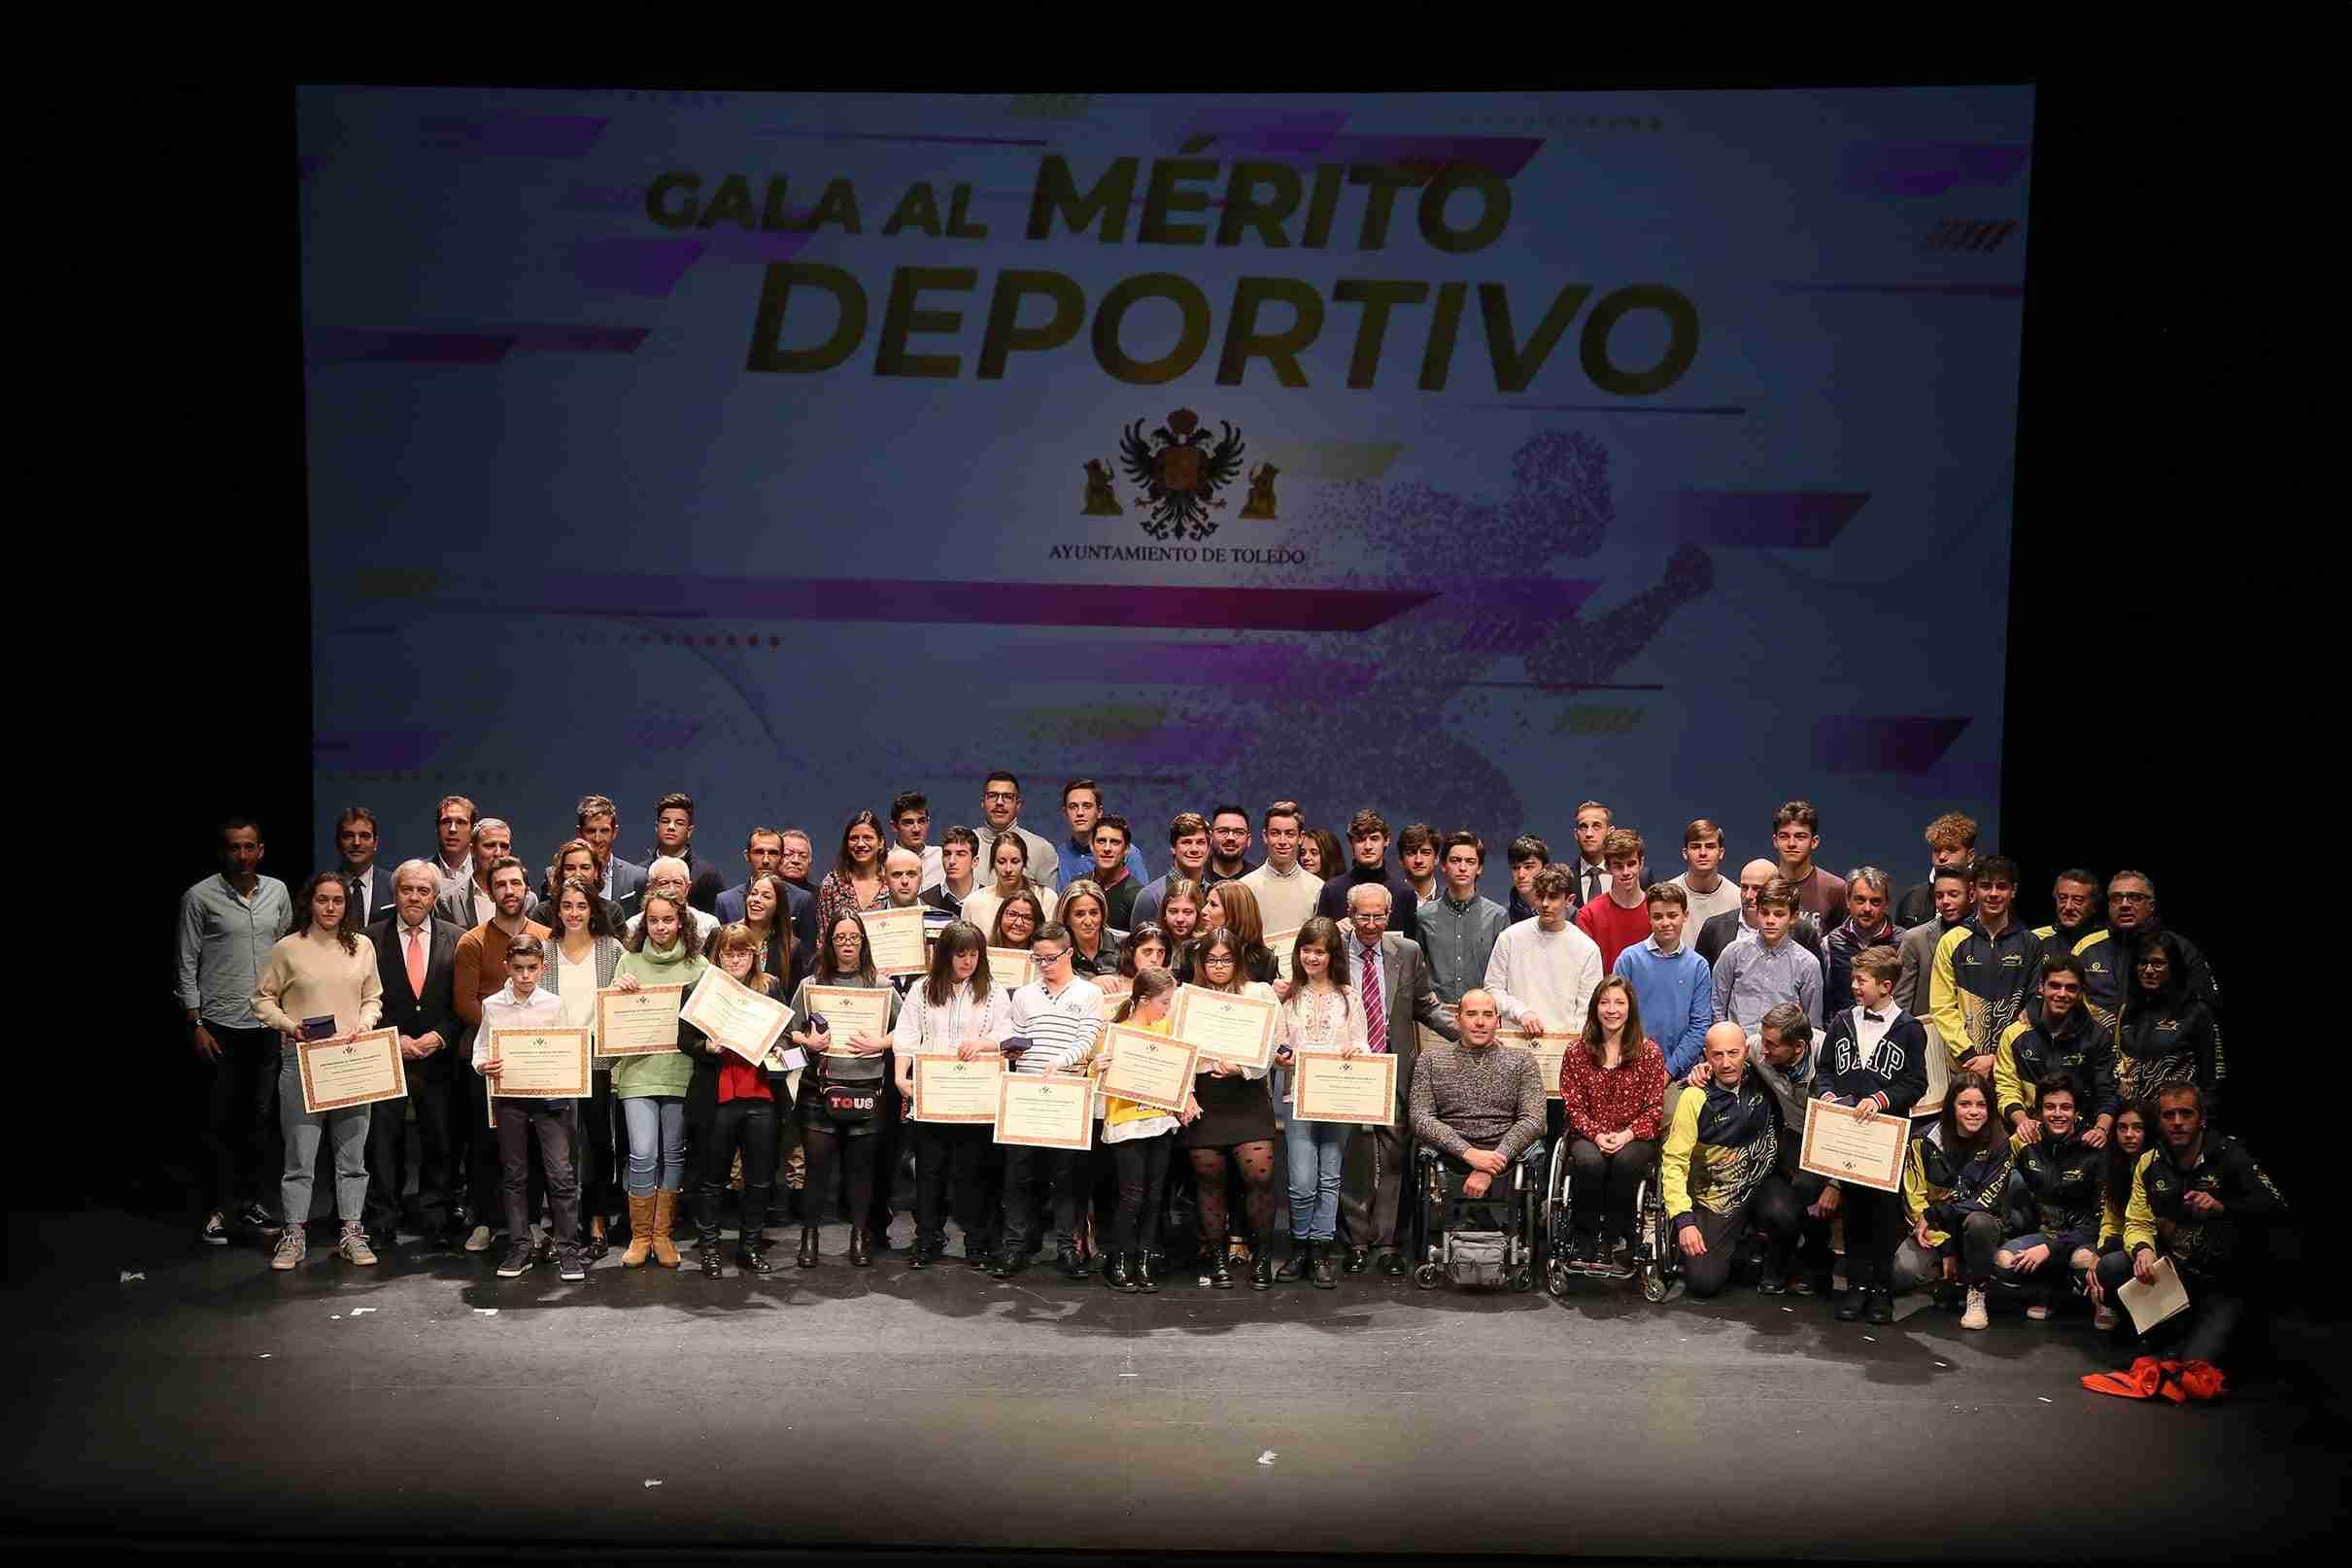 """La alcaldesa a los deportistas toledanos: """"Cuando alcanzáis el triunfo, Toledo también sube al pódium"""" 15"""